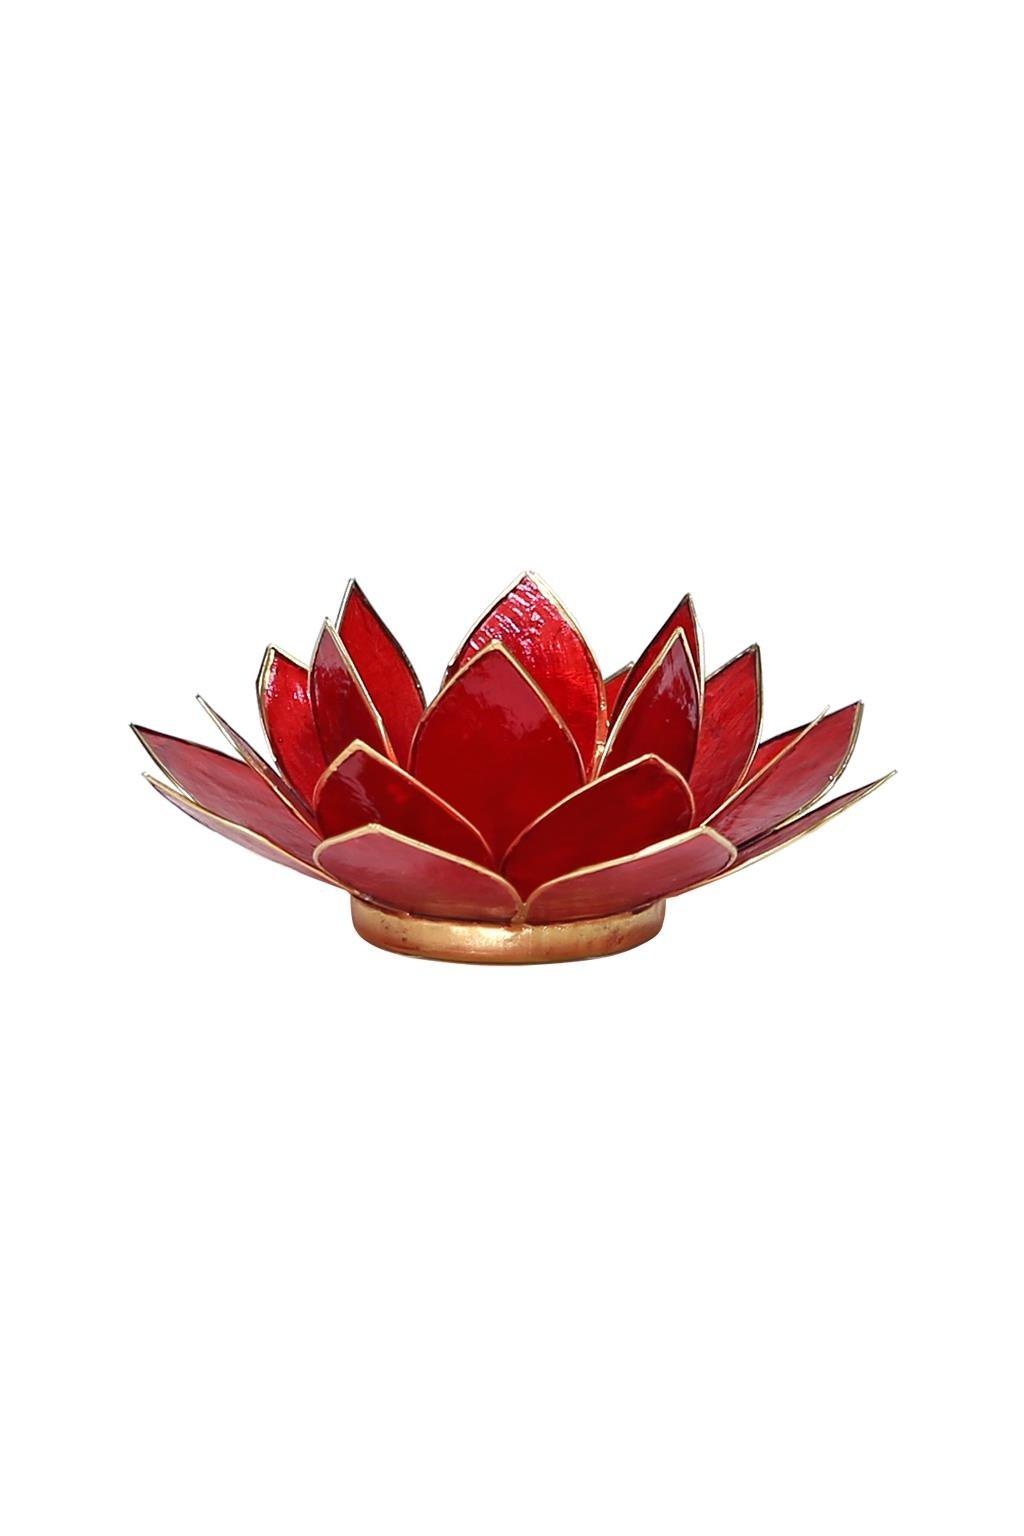 Lotosový svícen 1. čakra - zlatý okraj